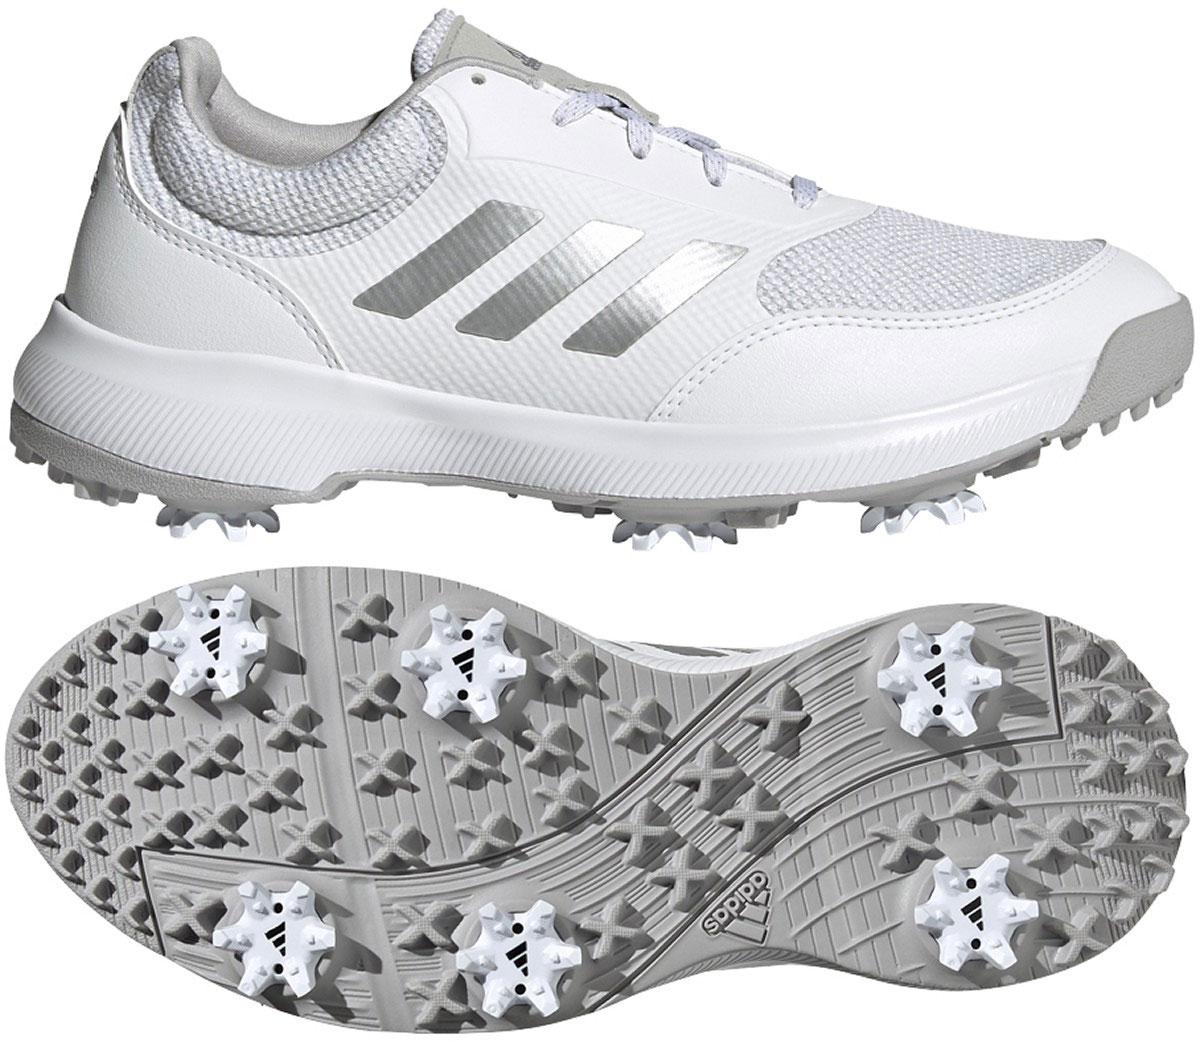 Now @ Golf Locker: Adidas NEW Tech Response Women's Golf Shoes